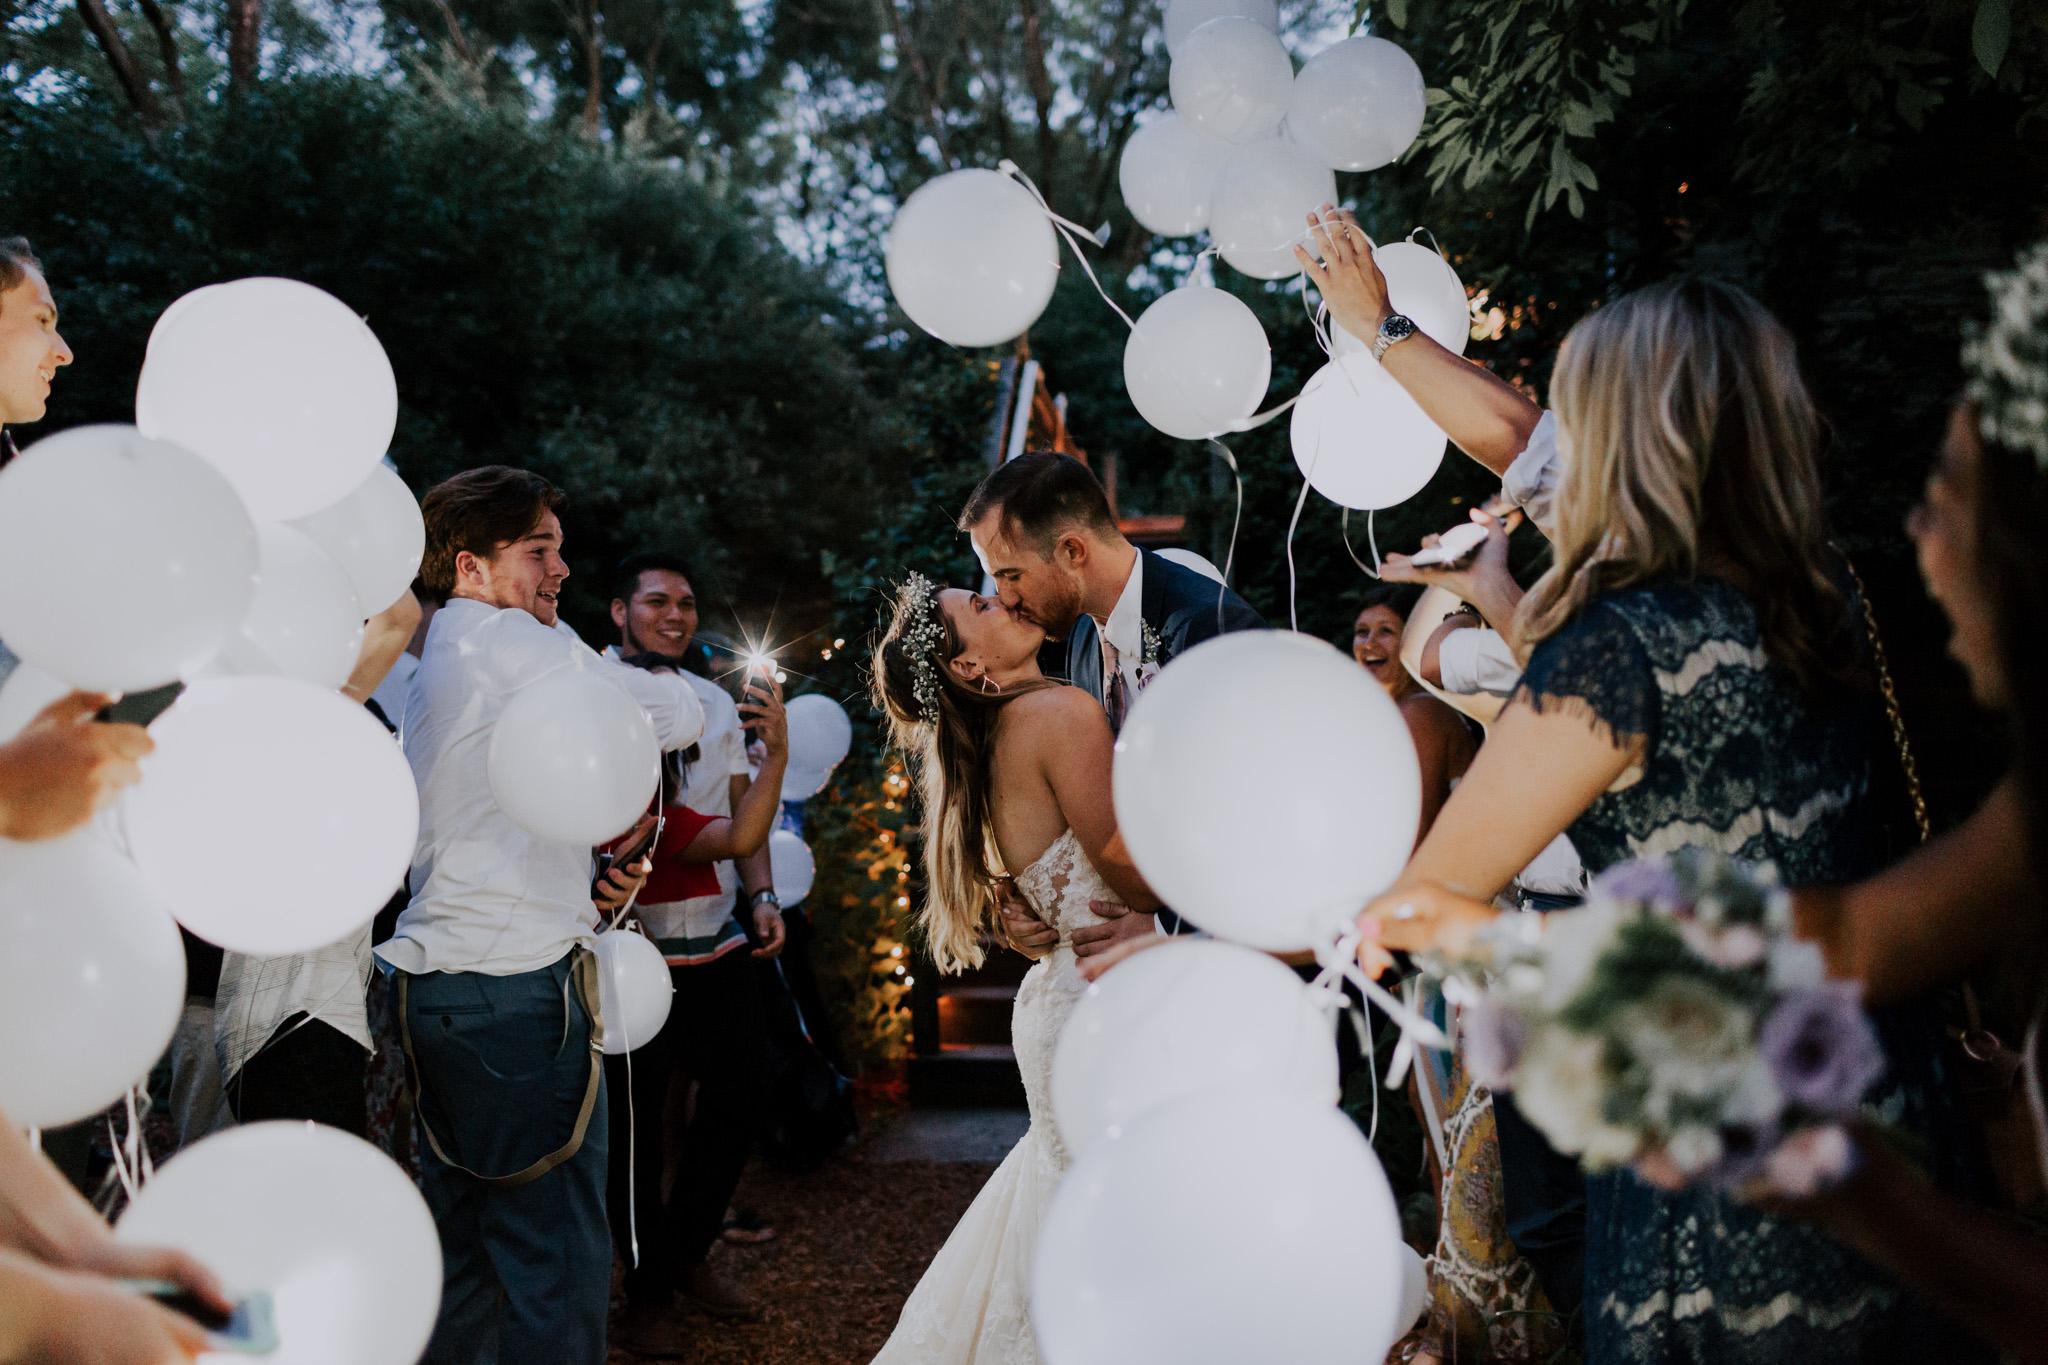 Blue-Dress-Barn-Michigan-Wedding-April-Seth-Vafa-Photo1188.jpg